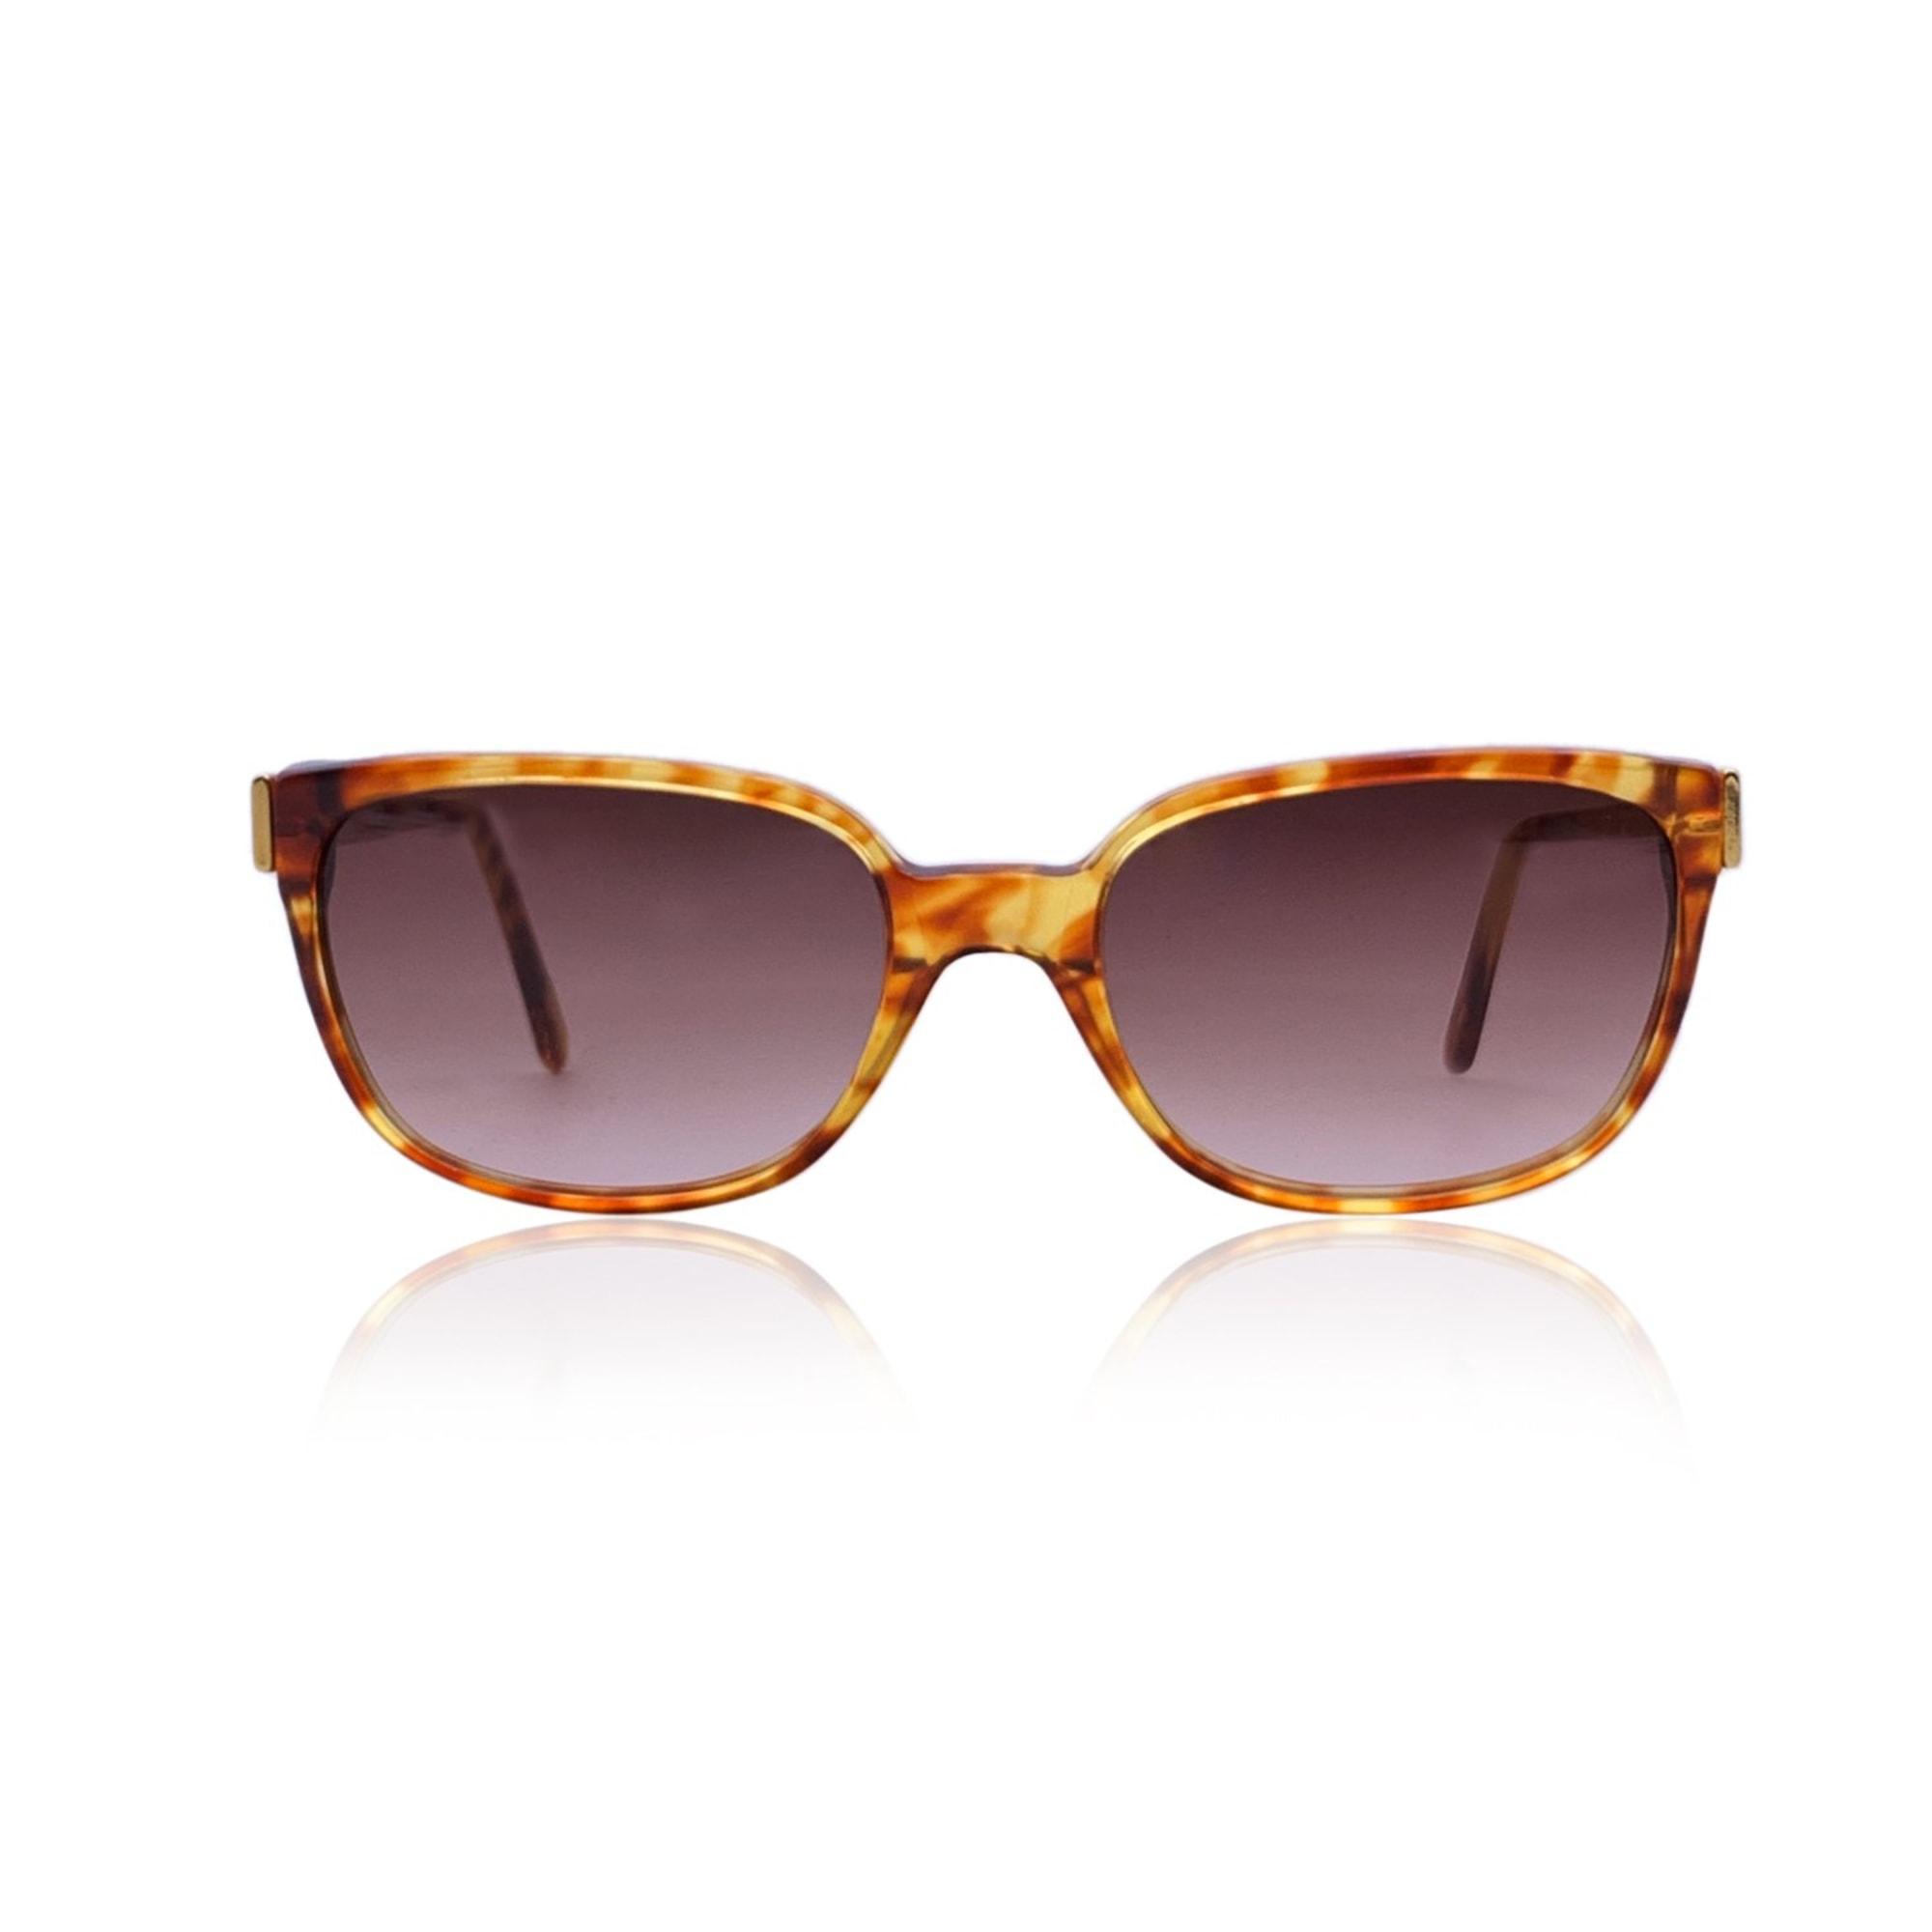 Sonnenbrille VERSACE Beige